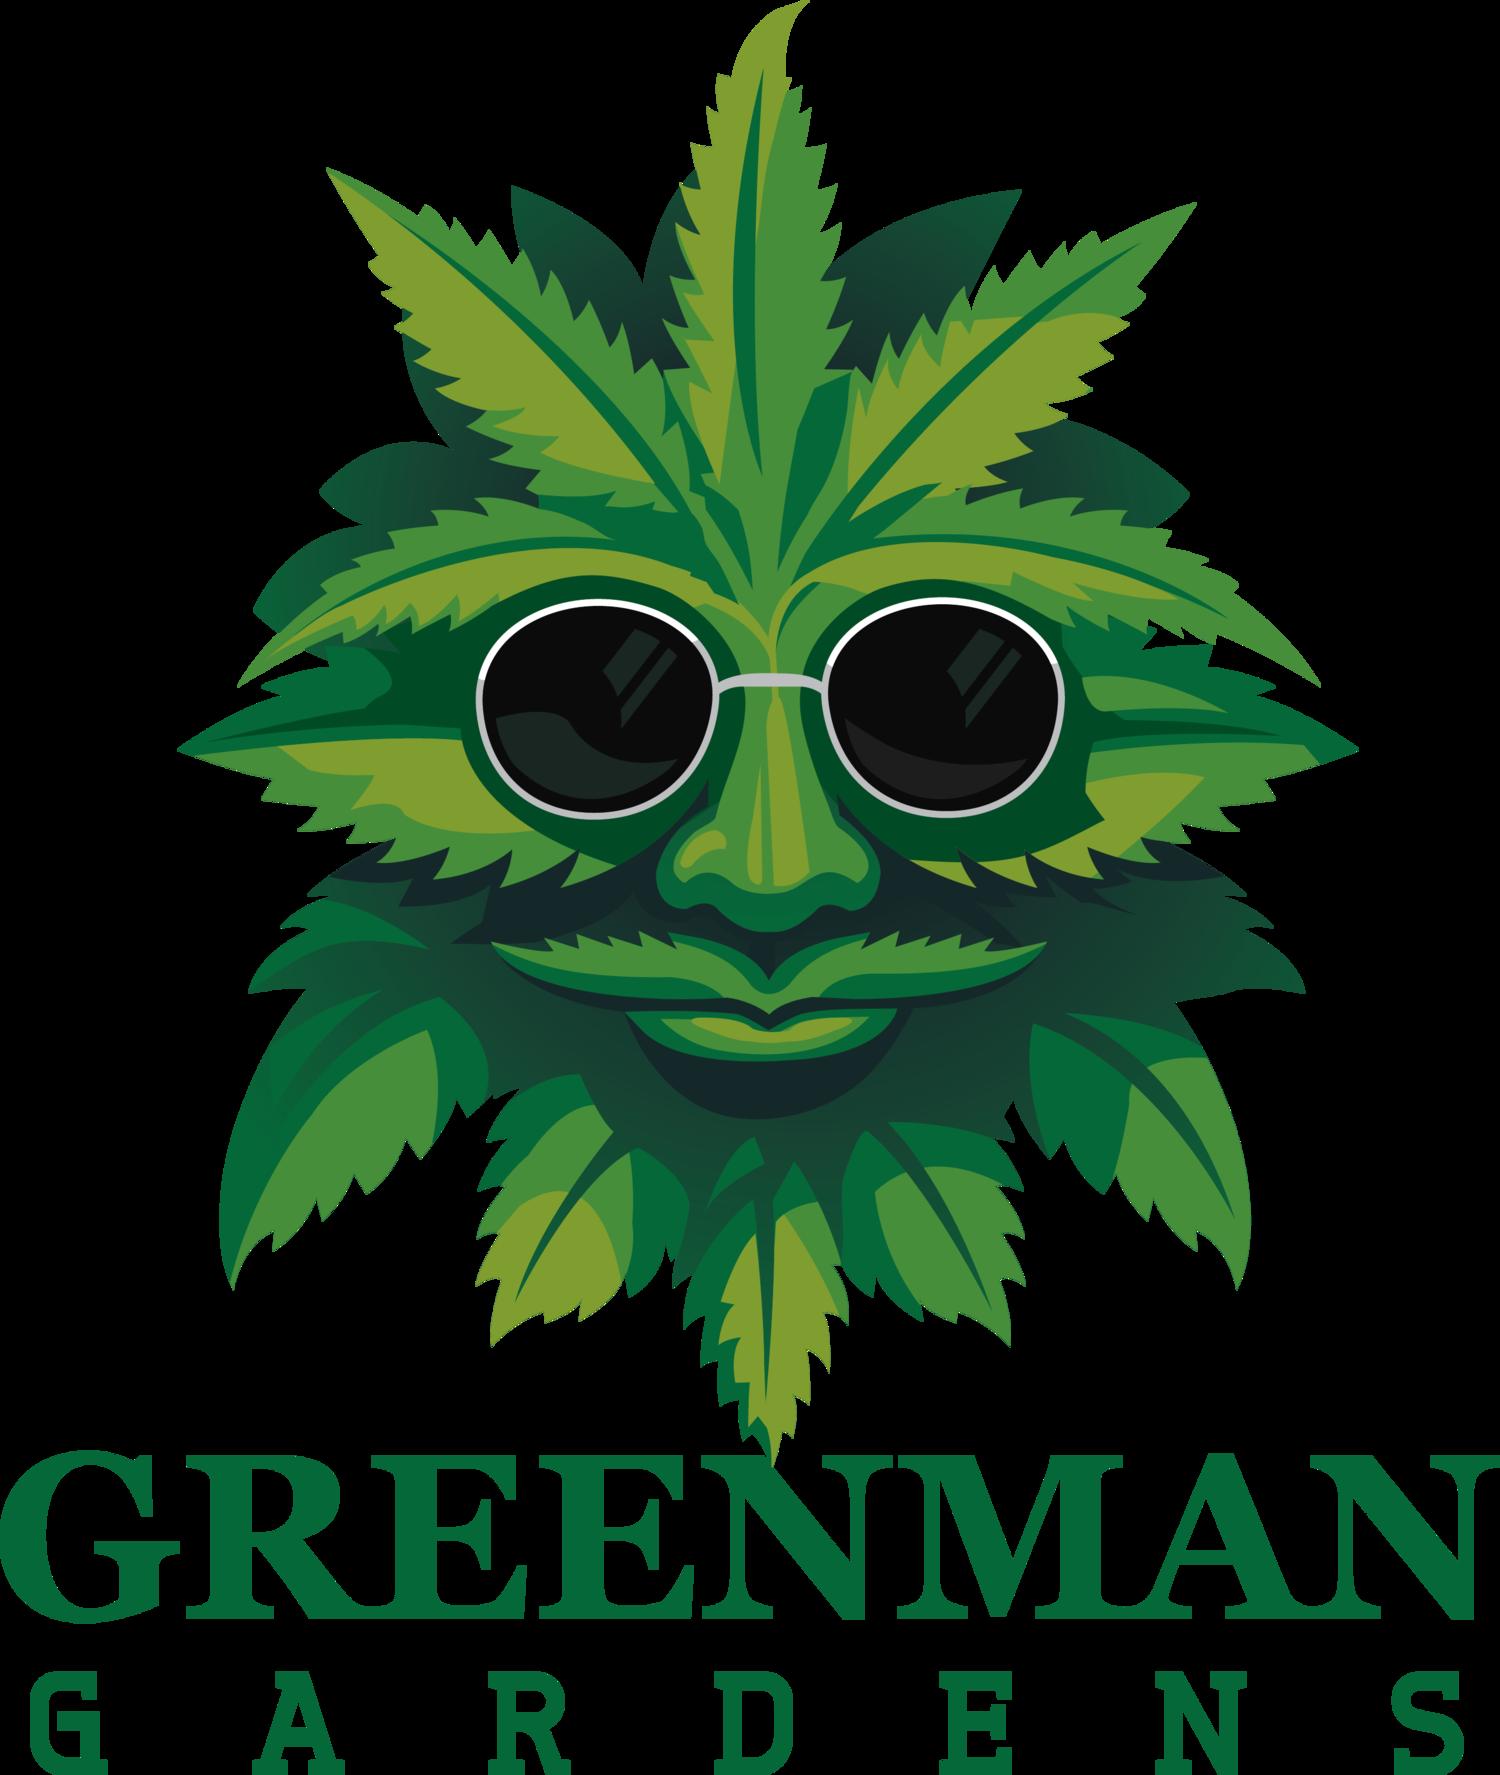 Greenman Gardens